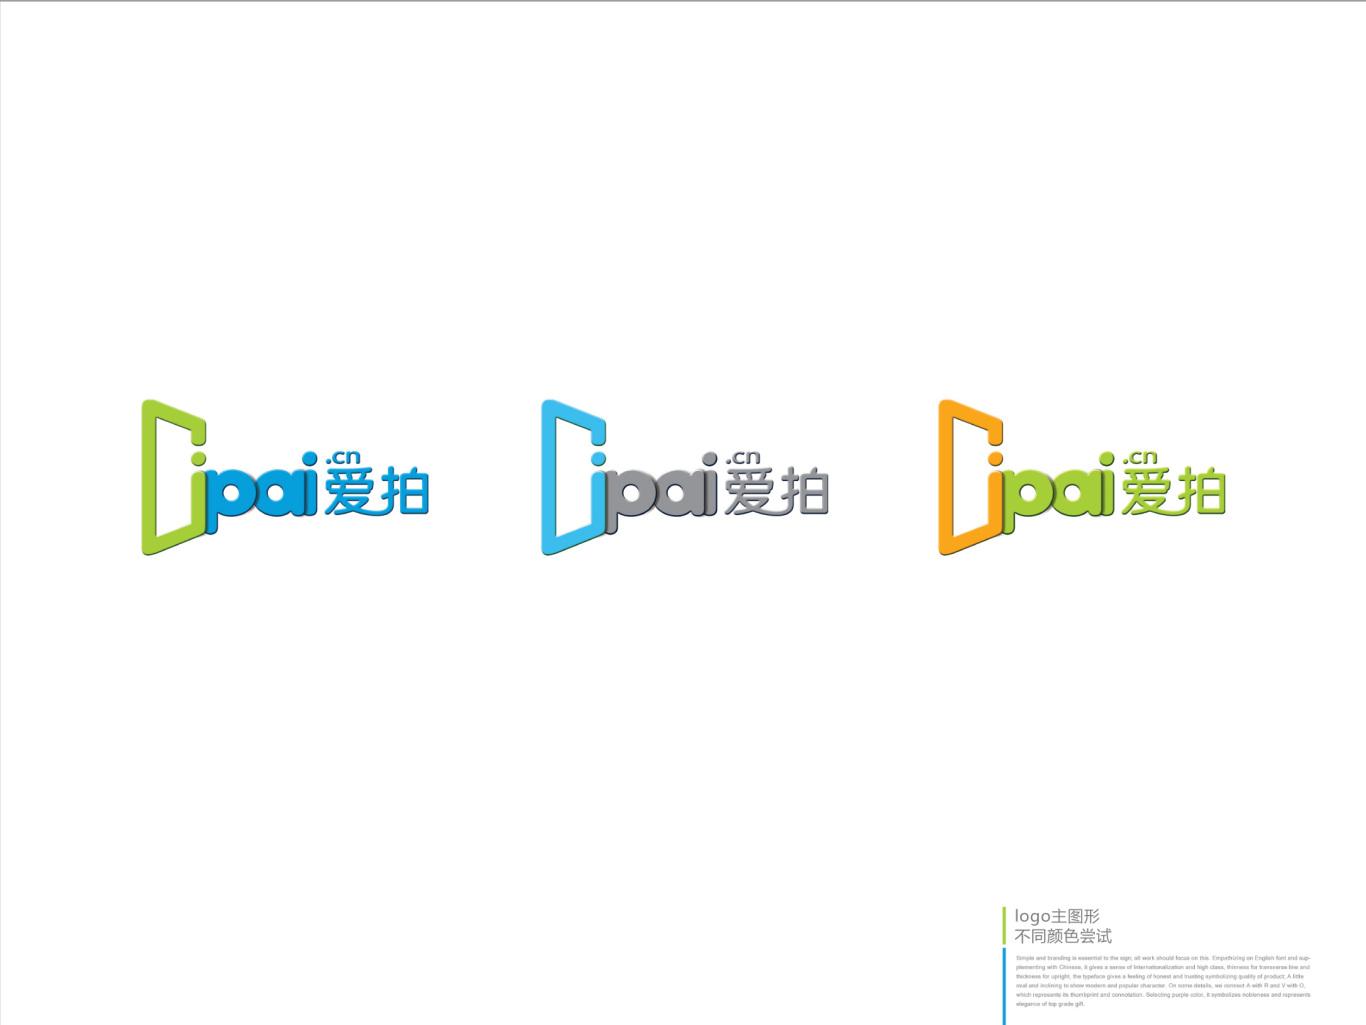 爱拍网标志设计图2